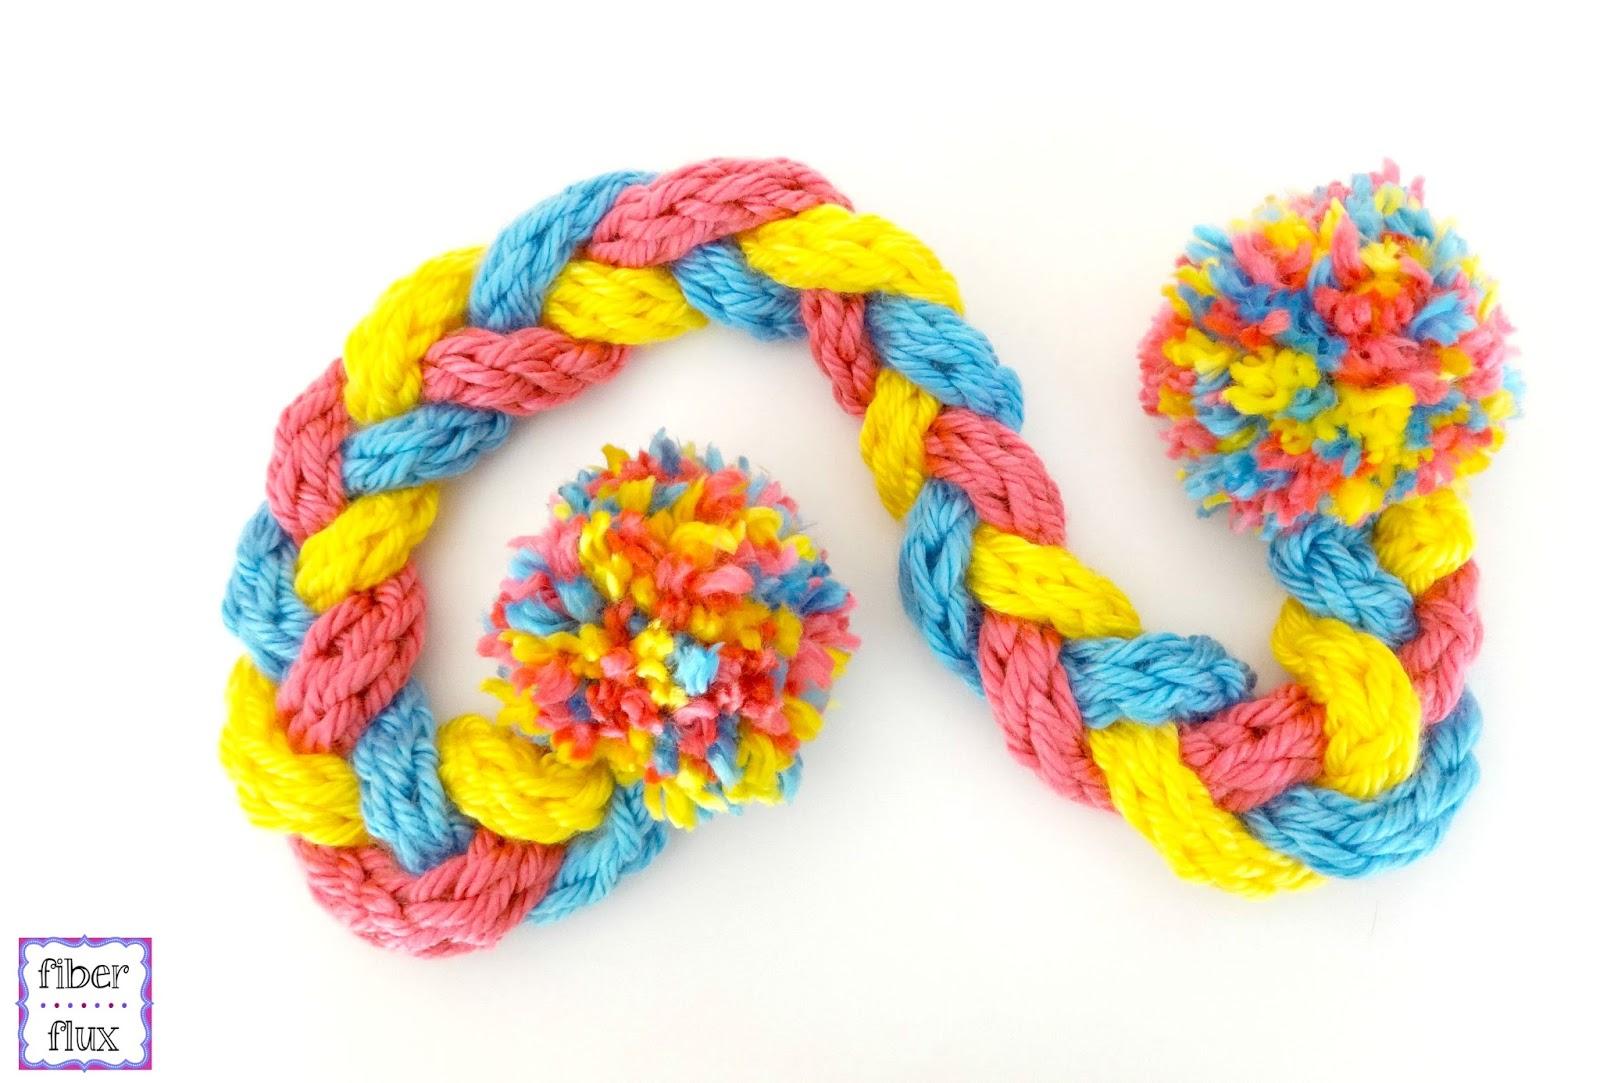 Fiber Flux: Finger Knit Braid Scarf for Kids!